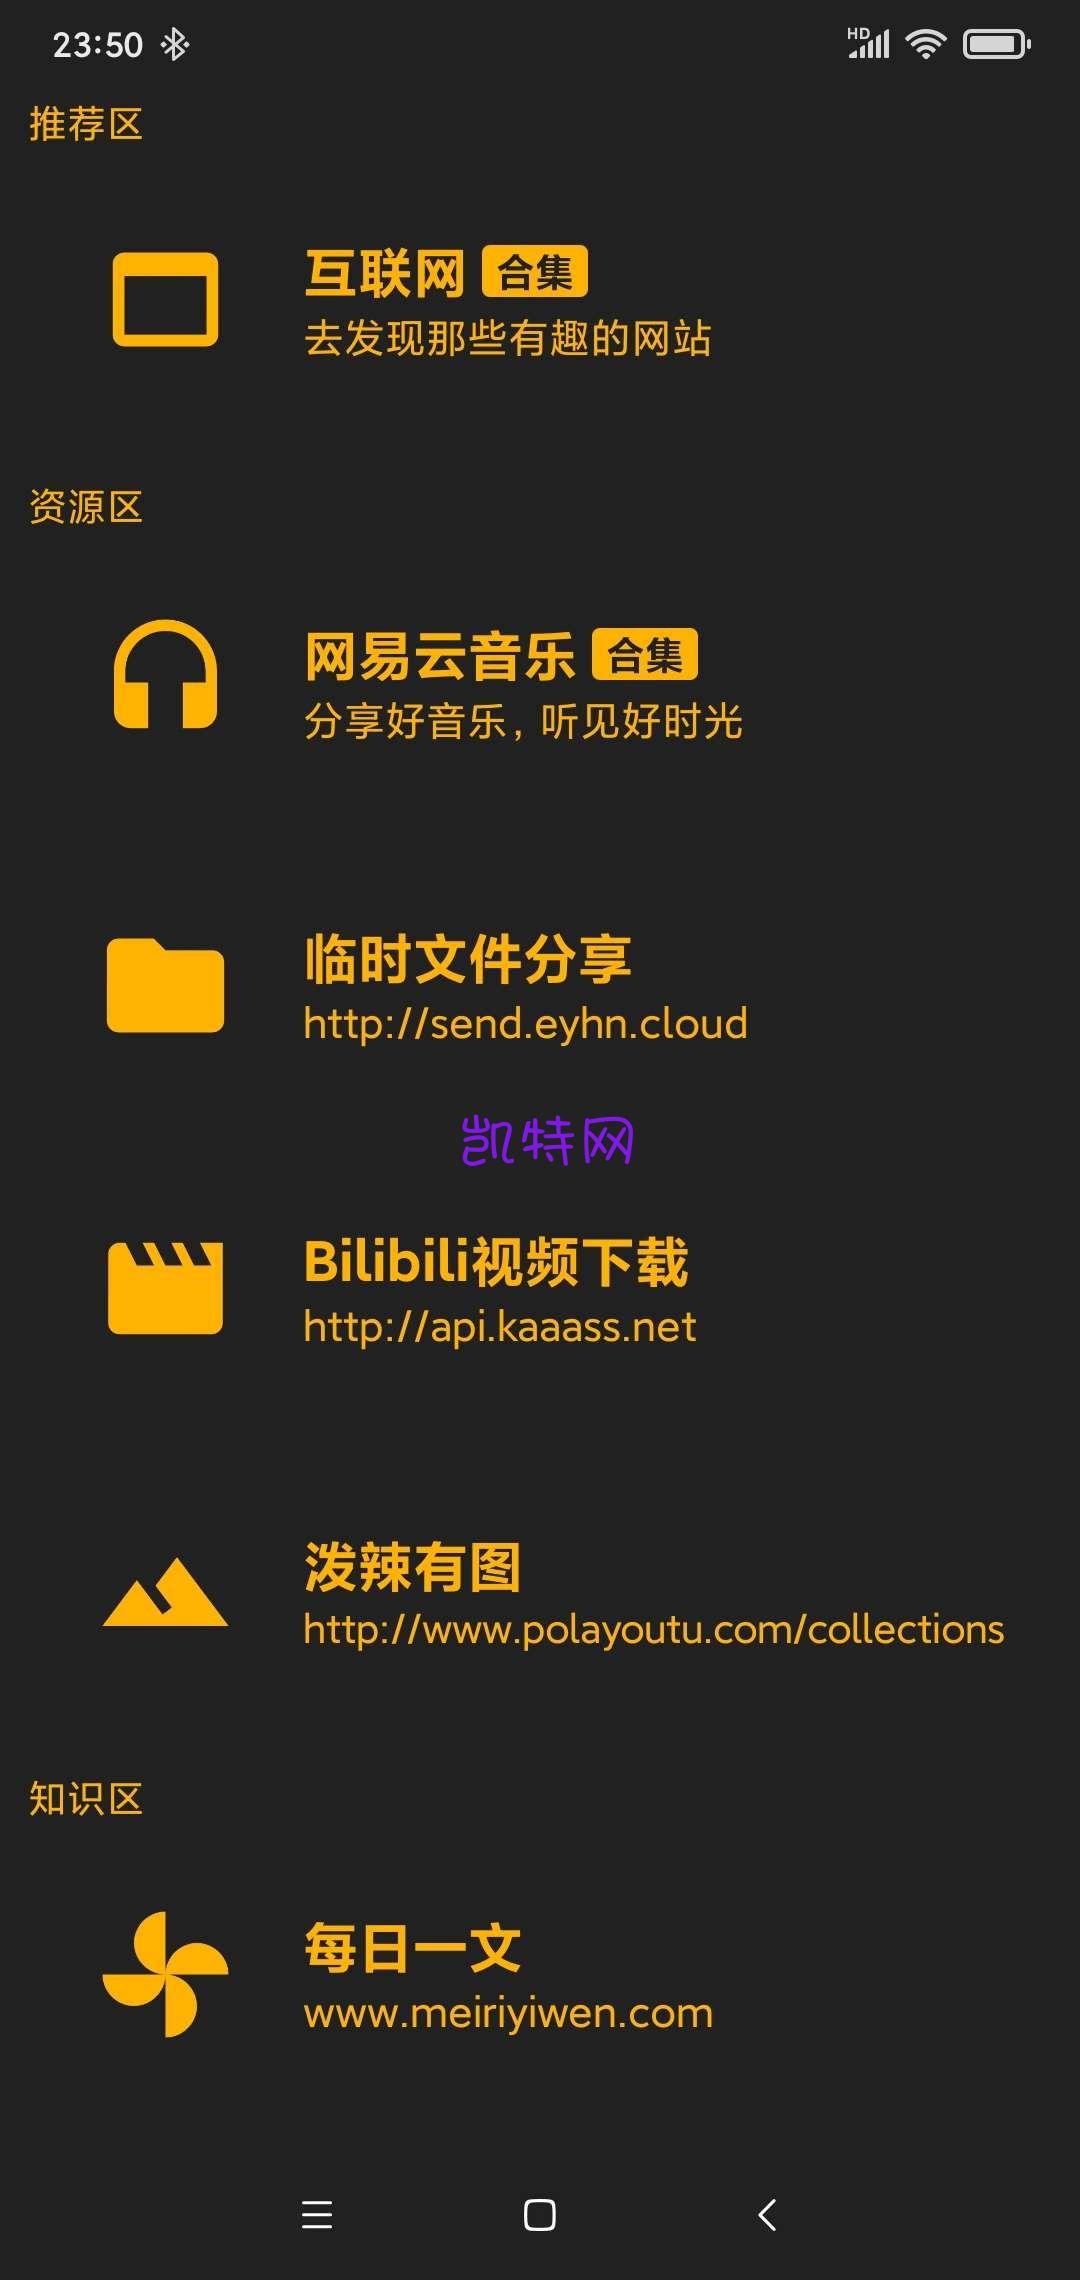 【原创软件】调用 UI,功能优化